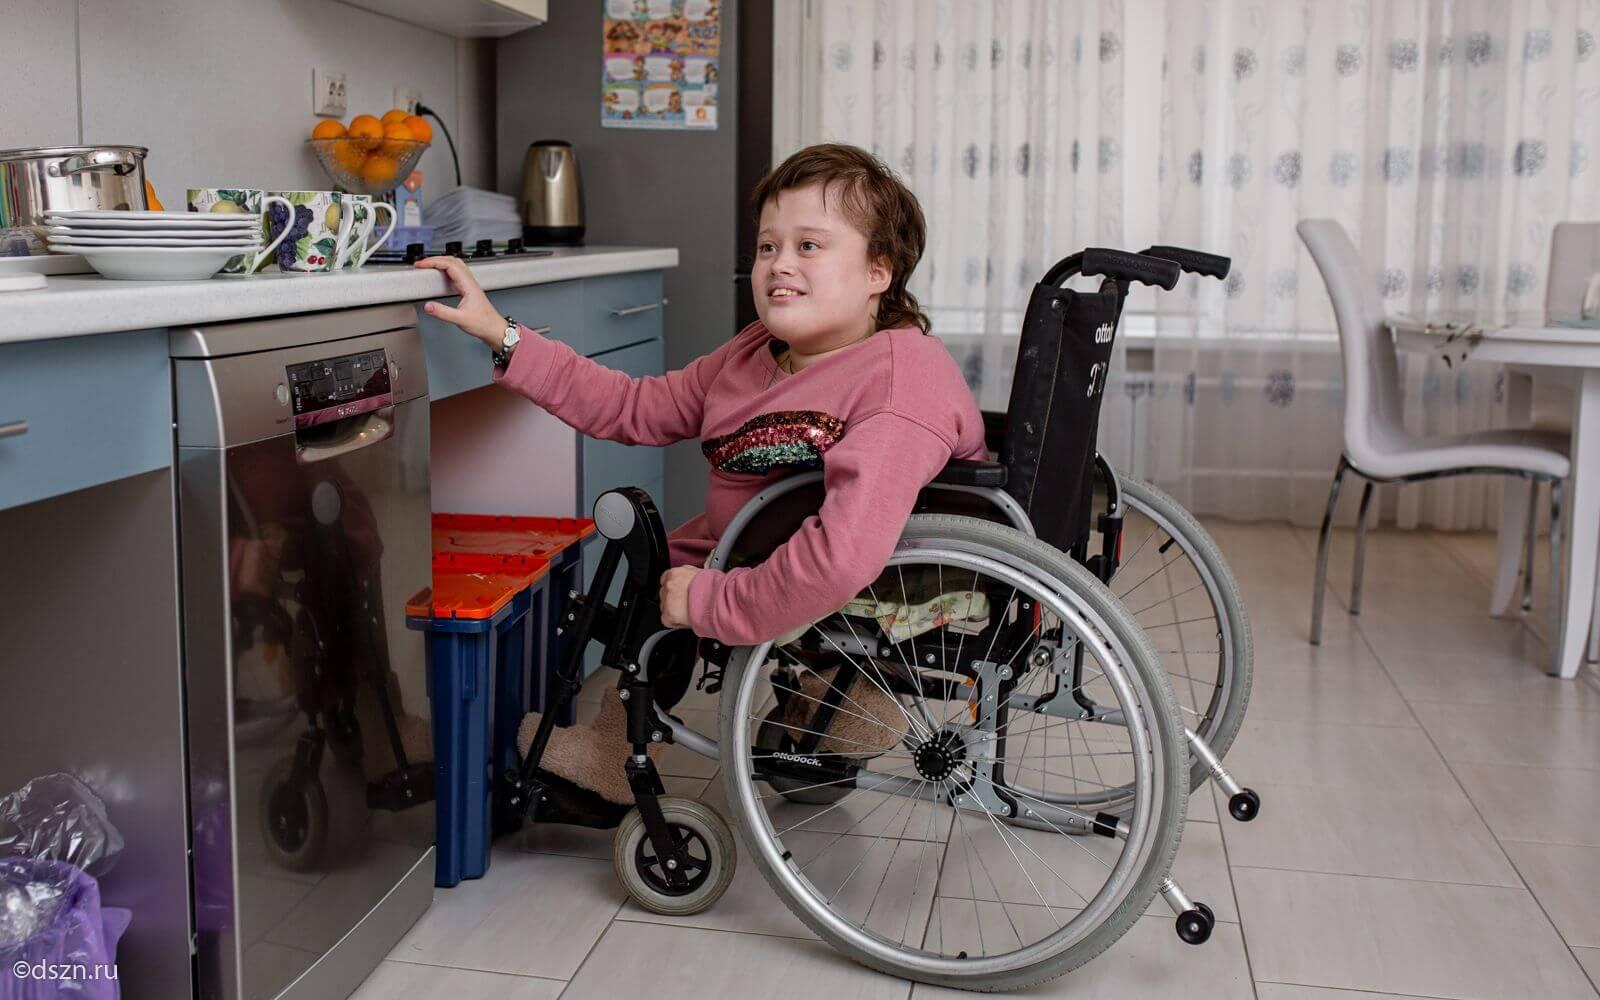 Сергей Собянин: Центр сопровождаемого проживания. Помогаем молодым людям с ментальными особенностями - фото 9